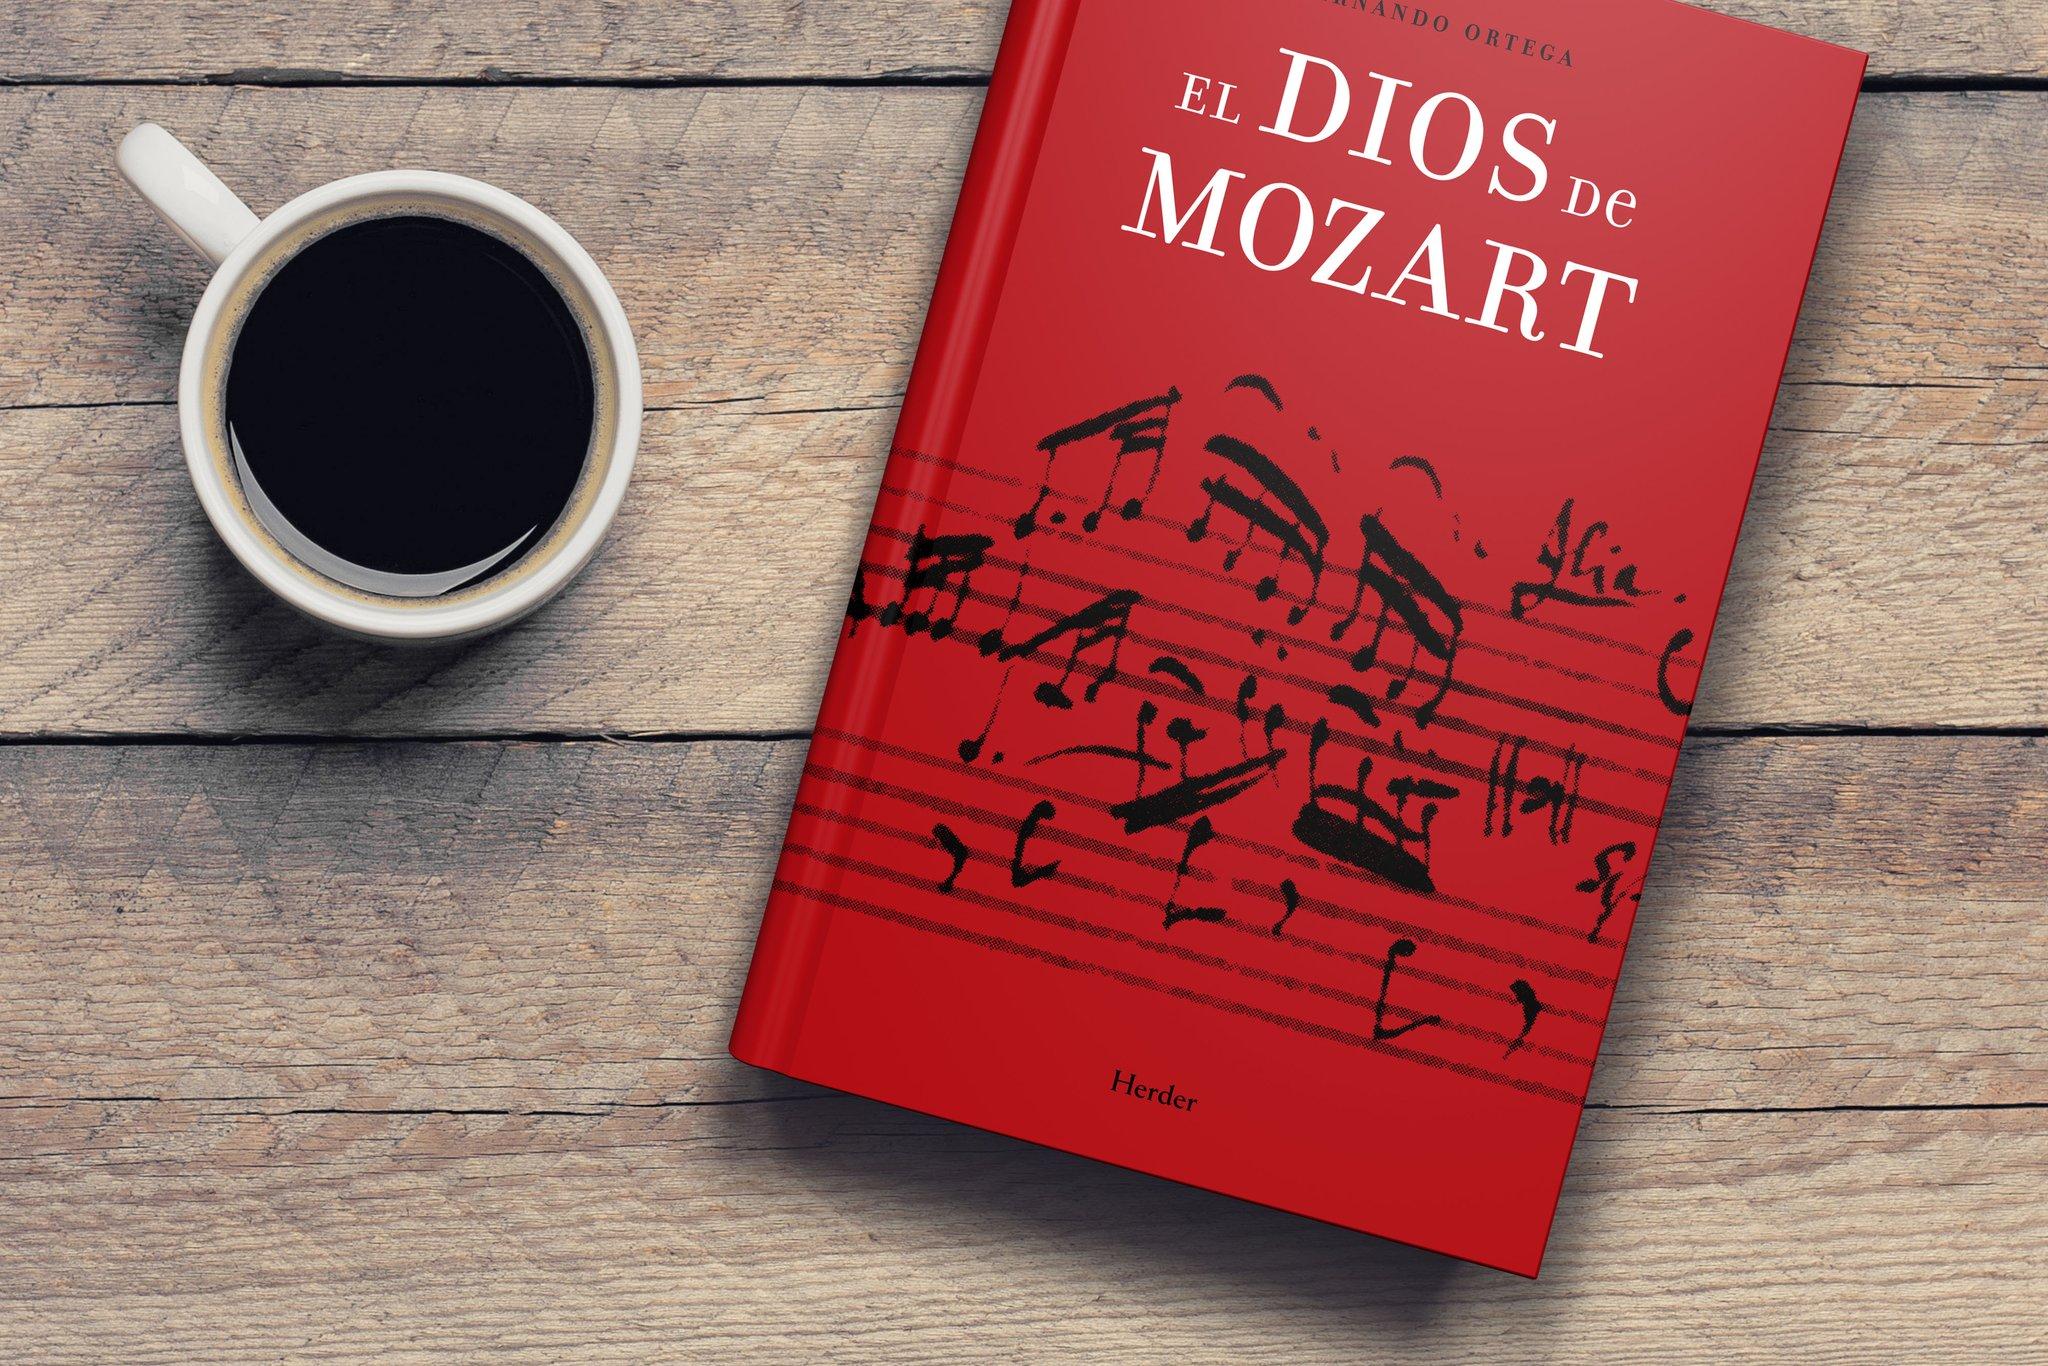 """Herder Editorial en Twitter: """"«El Dios de Mozart», de Fernando Ortega, es una original interpretación teológica de la música de #MOZART que permitirá al lector dar un nuevo sentido al pensamiento creador musical del compositor. Disponible en todas las ..."""